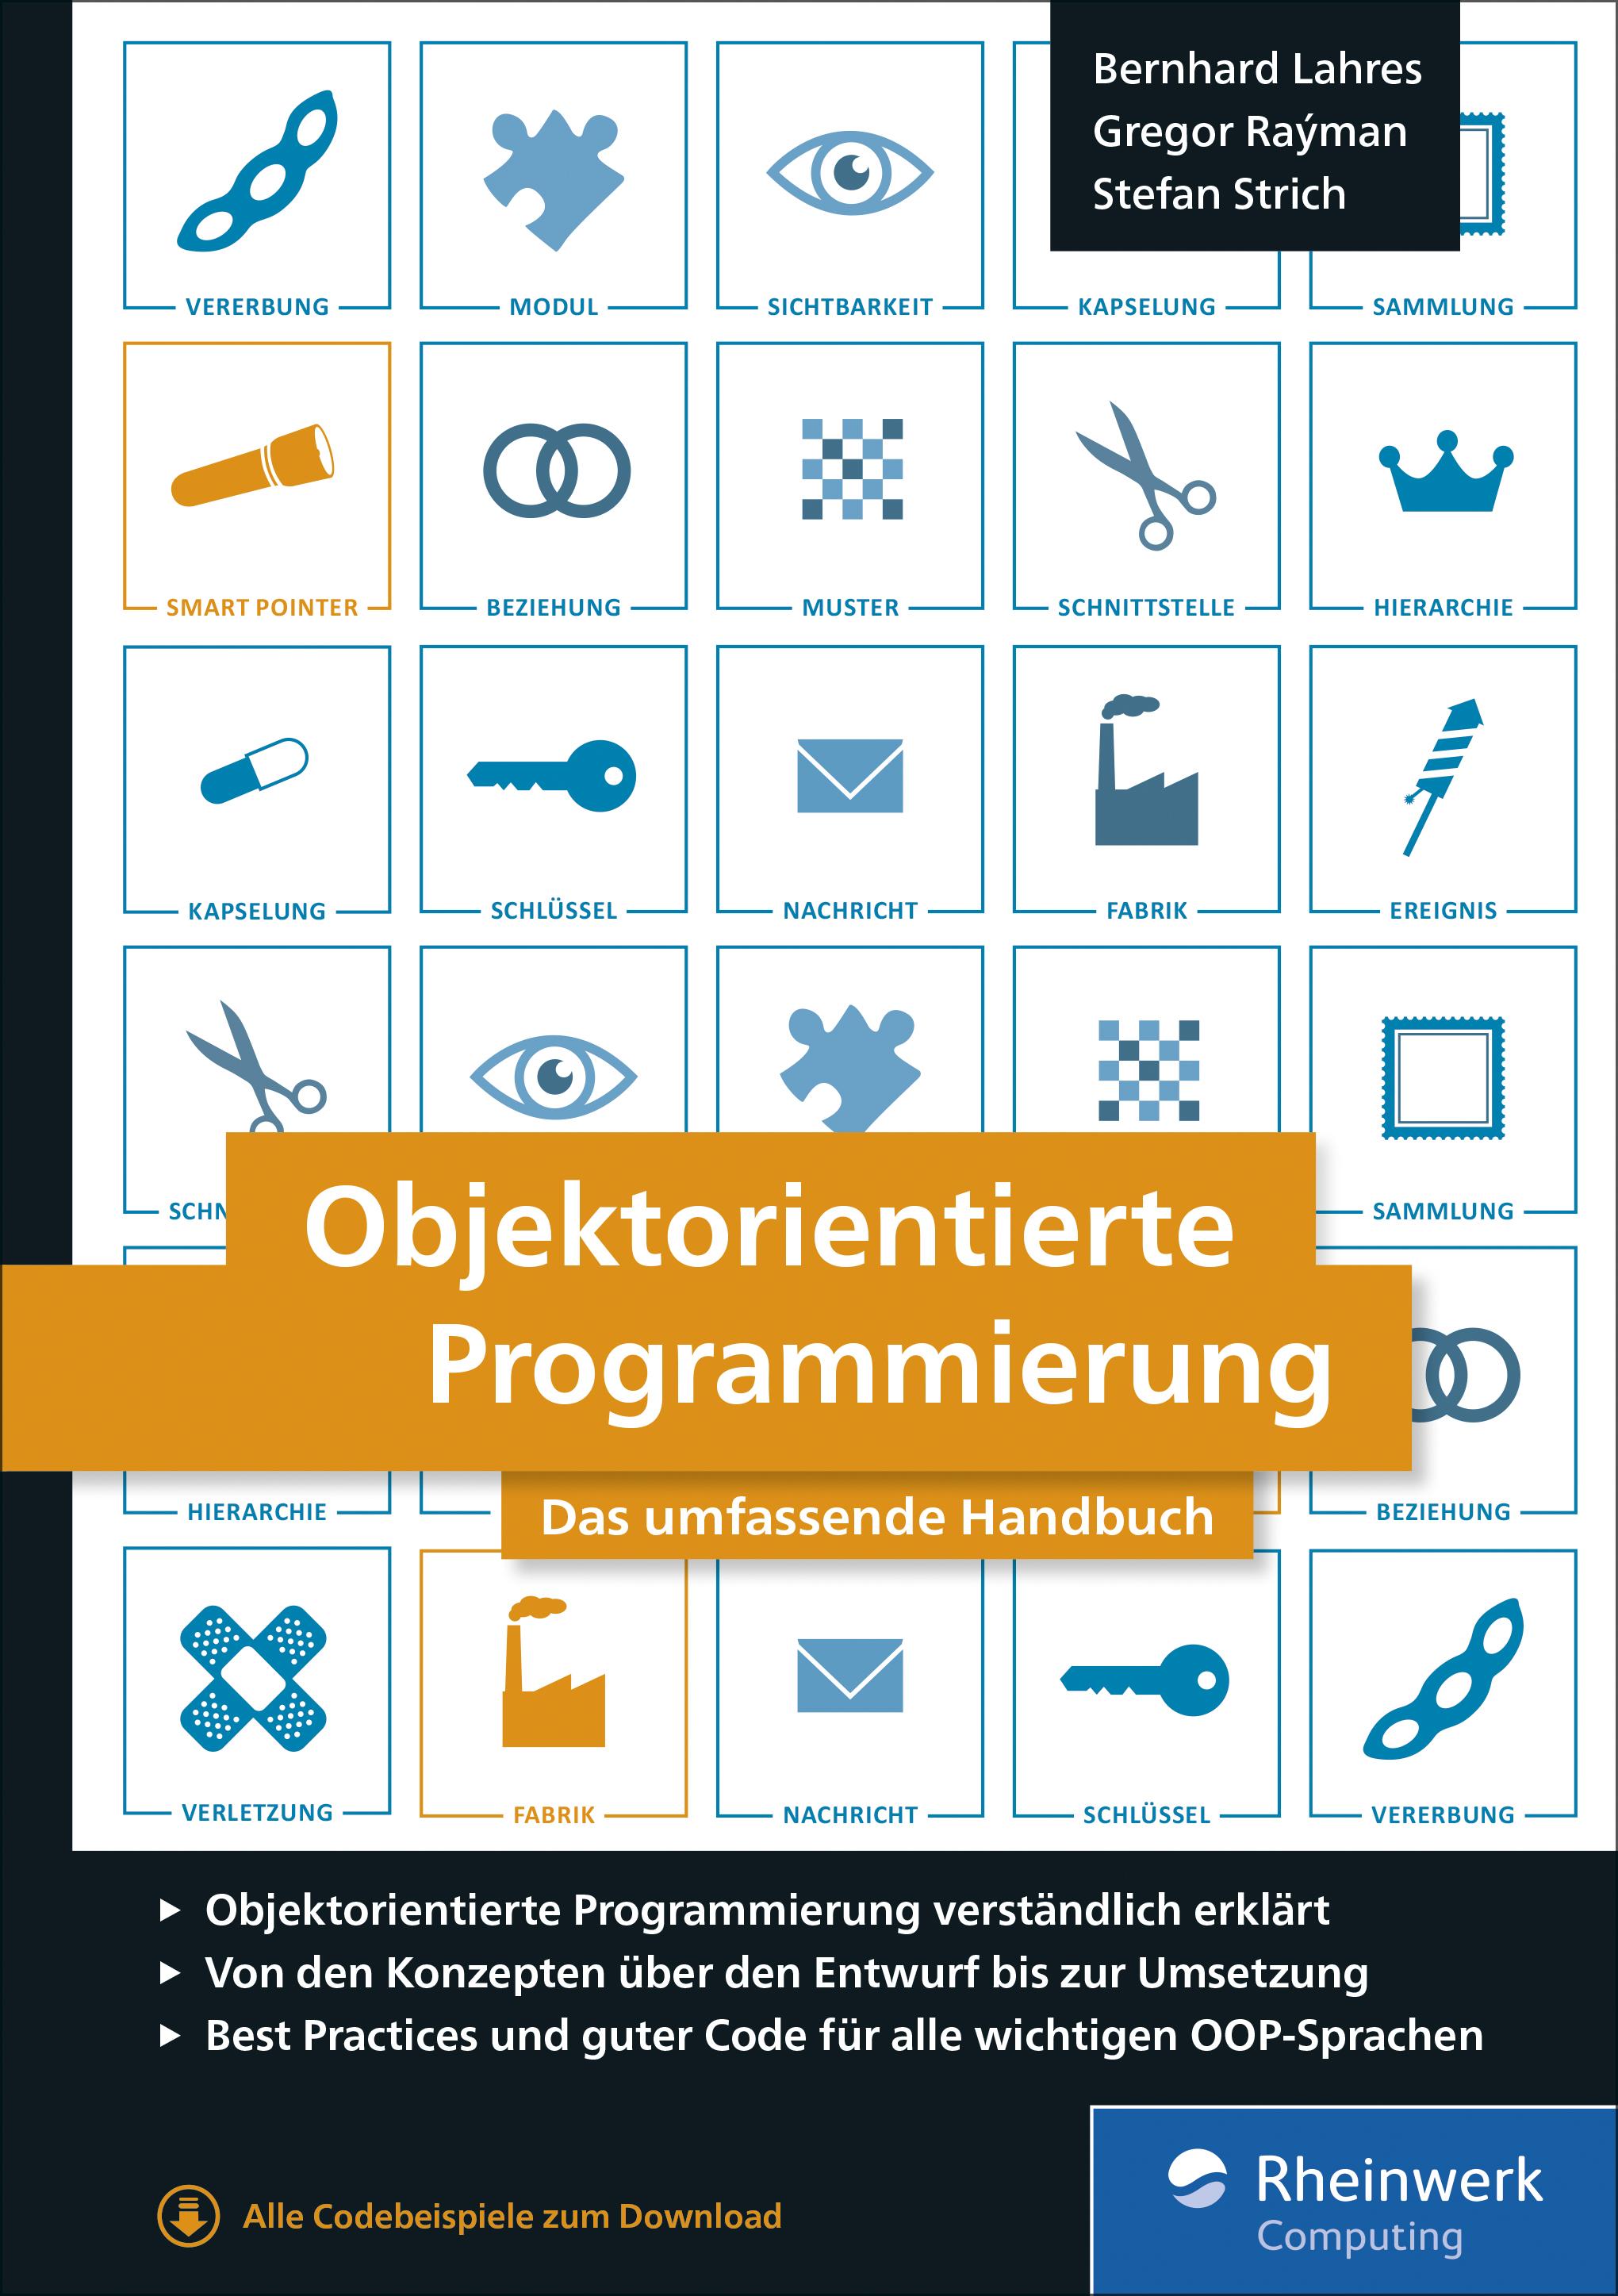 Objektorientierte Programmierung (5. Auflg.)